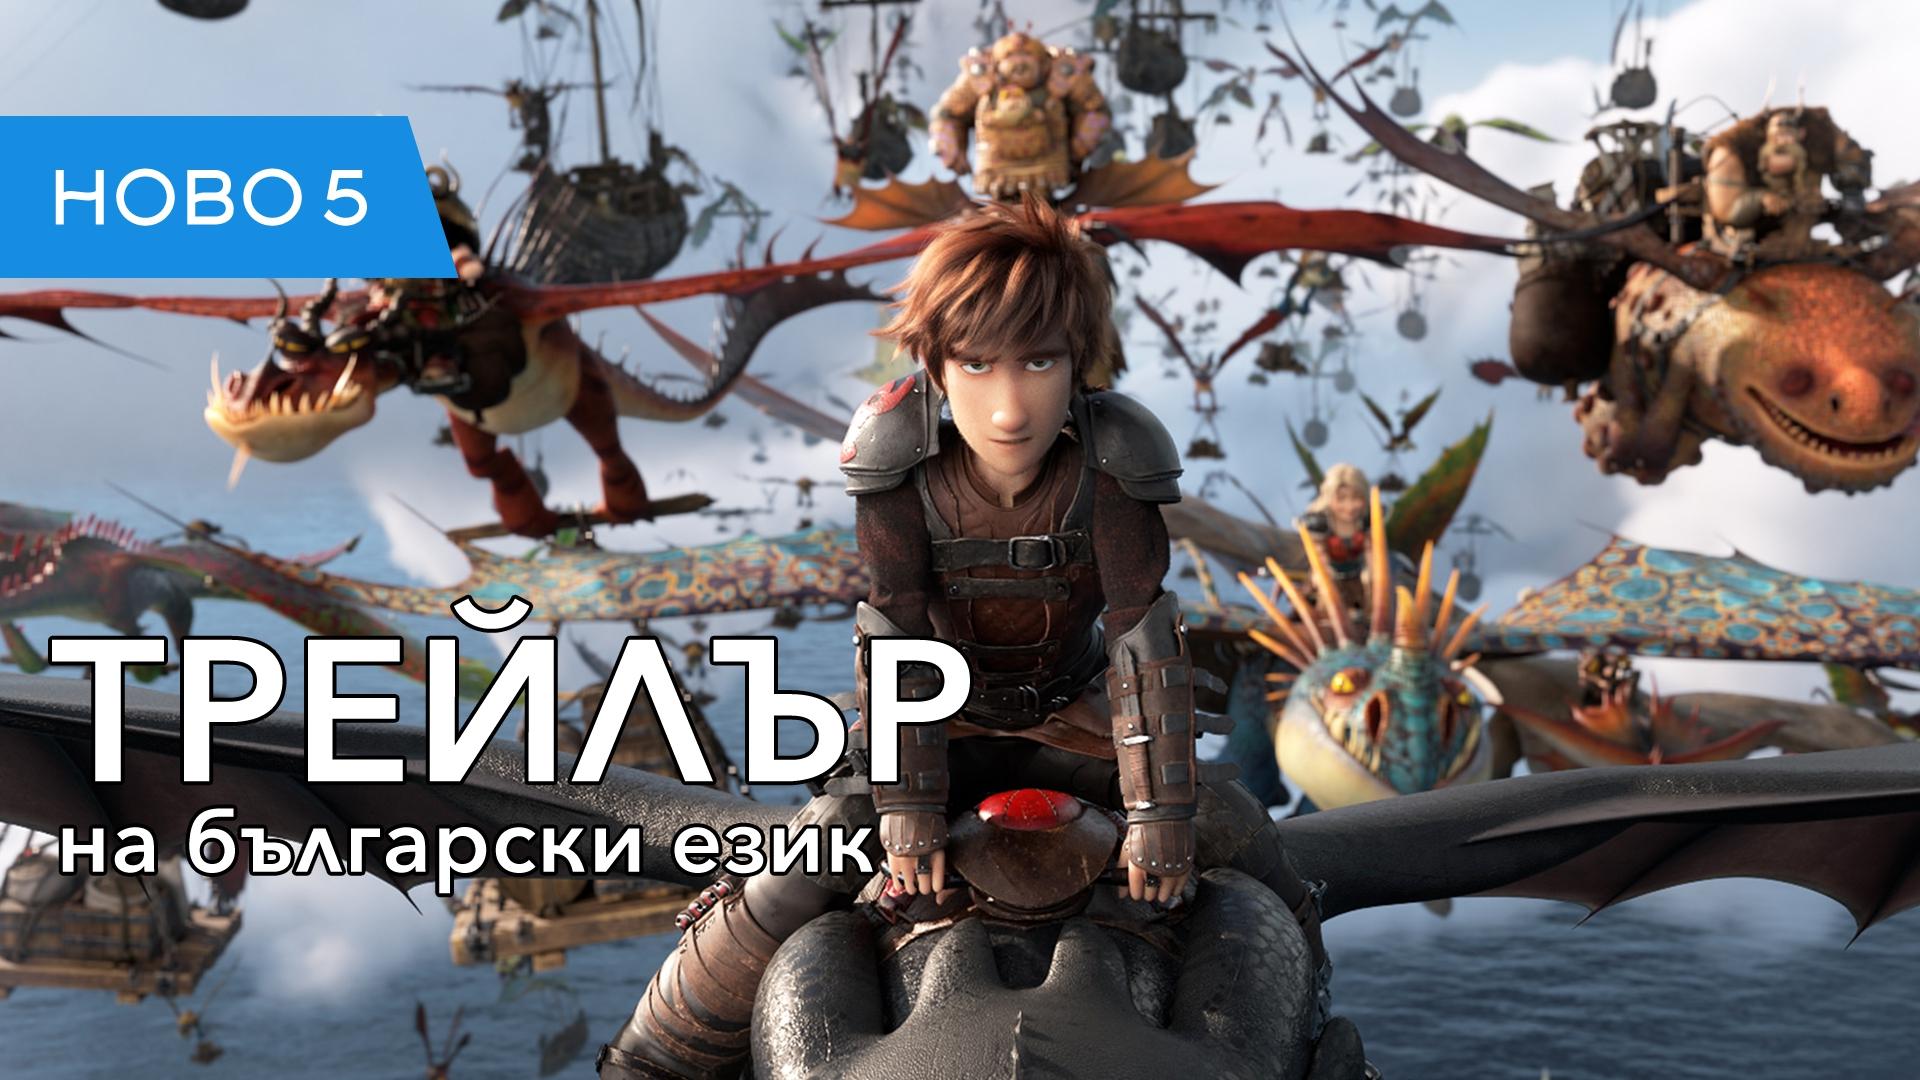 Как да си дресираш дракон: Тайнственият свят (2019) втори трейлър, озвучен на български език